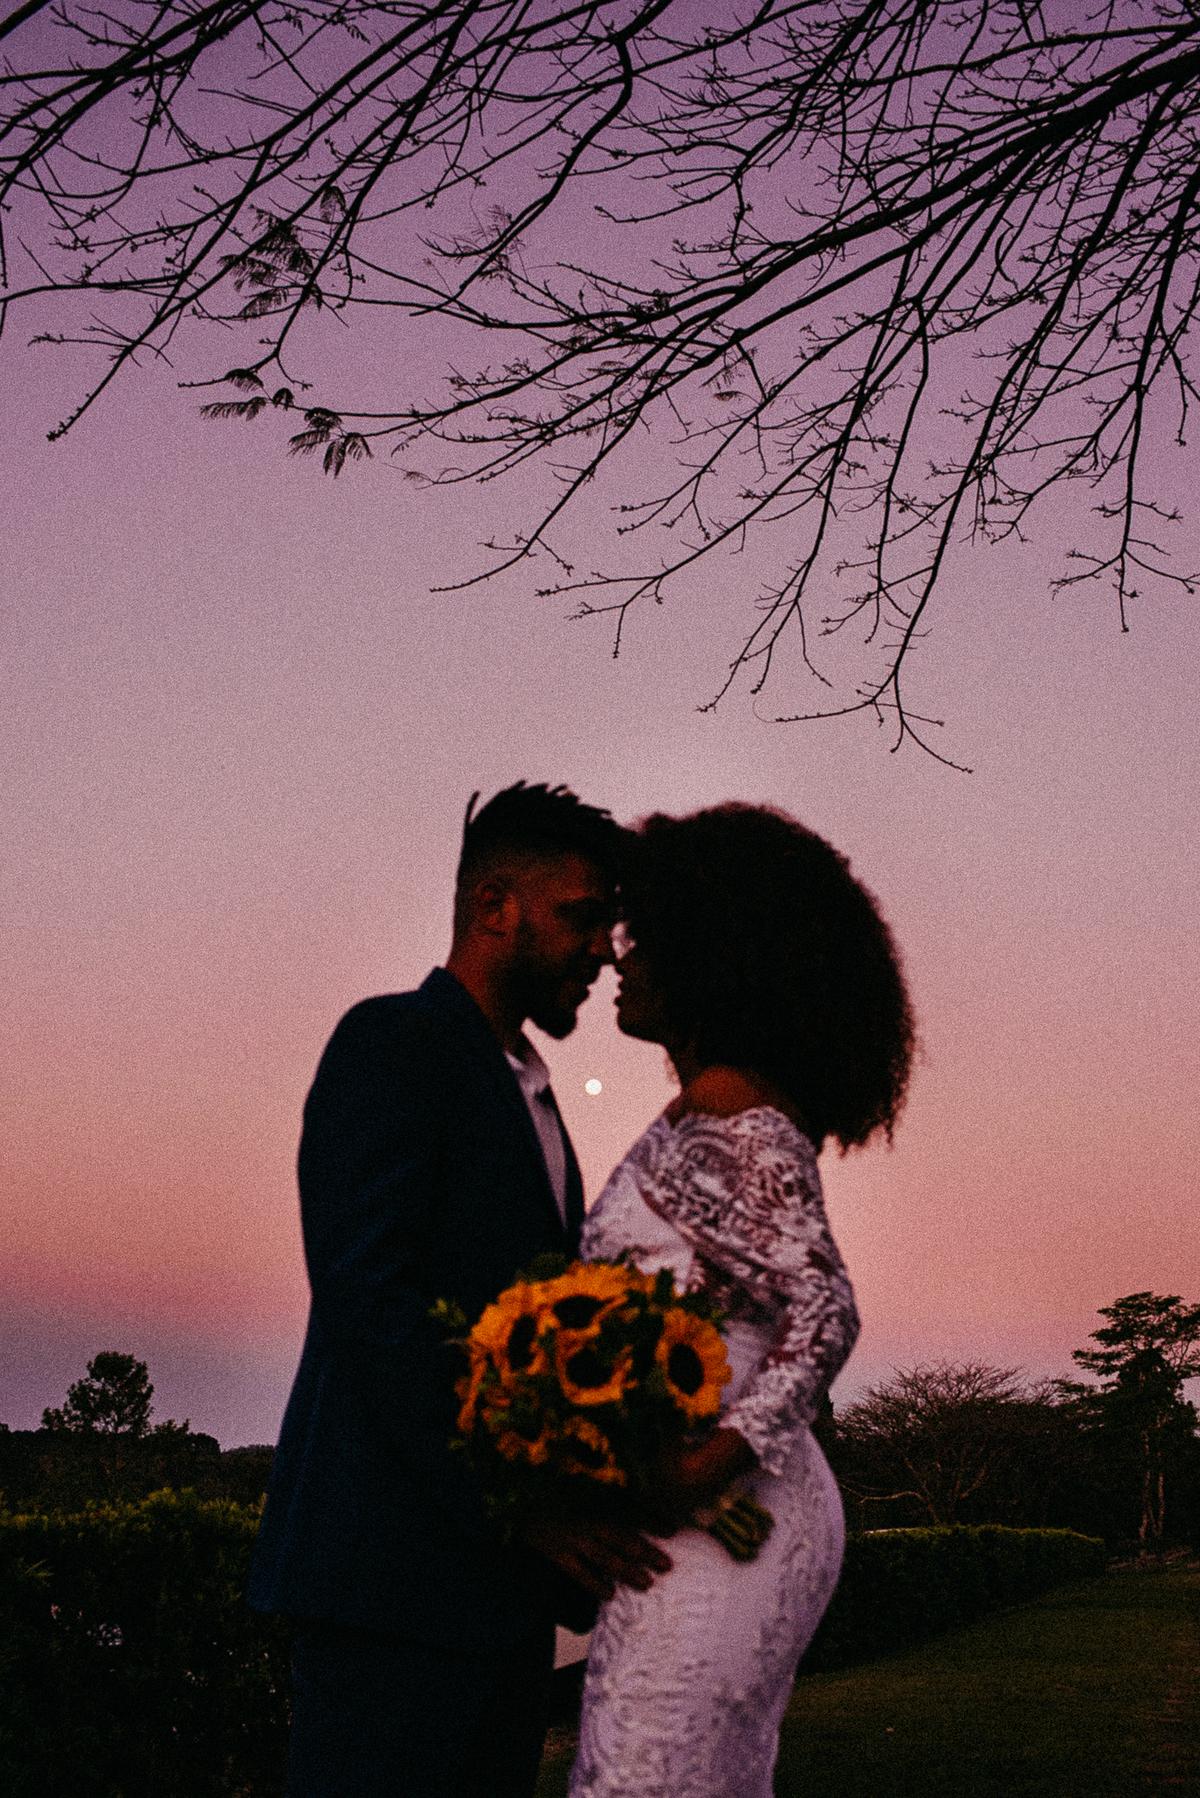 noivos sorrindo saida dos noivos cerimonia ao por do sol fotografia de casamento de dia fotografos de casamento em sao paulo noivos afros  por do sol noivos afros